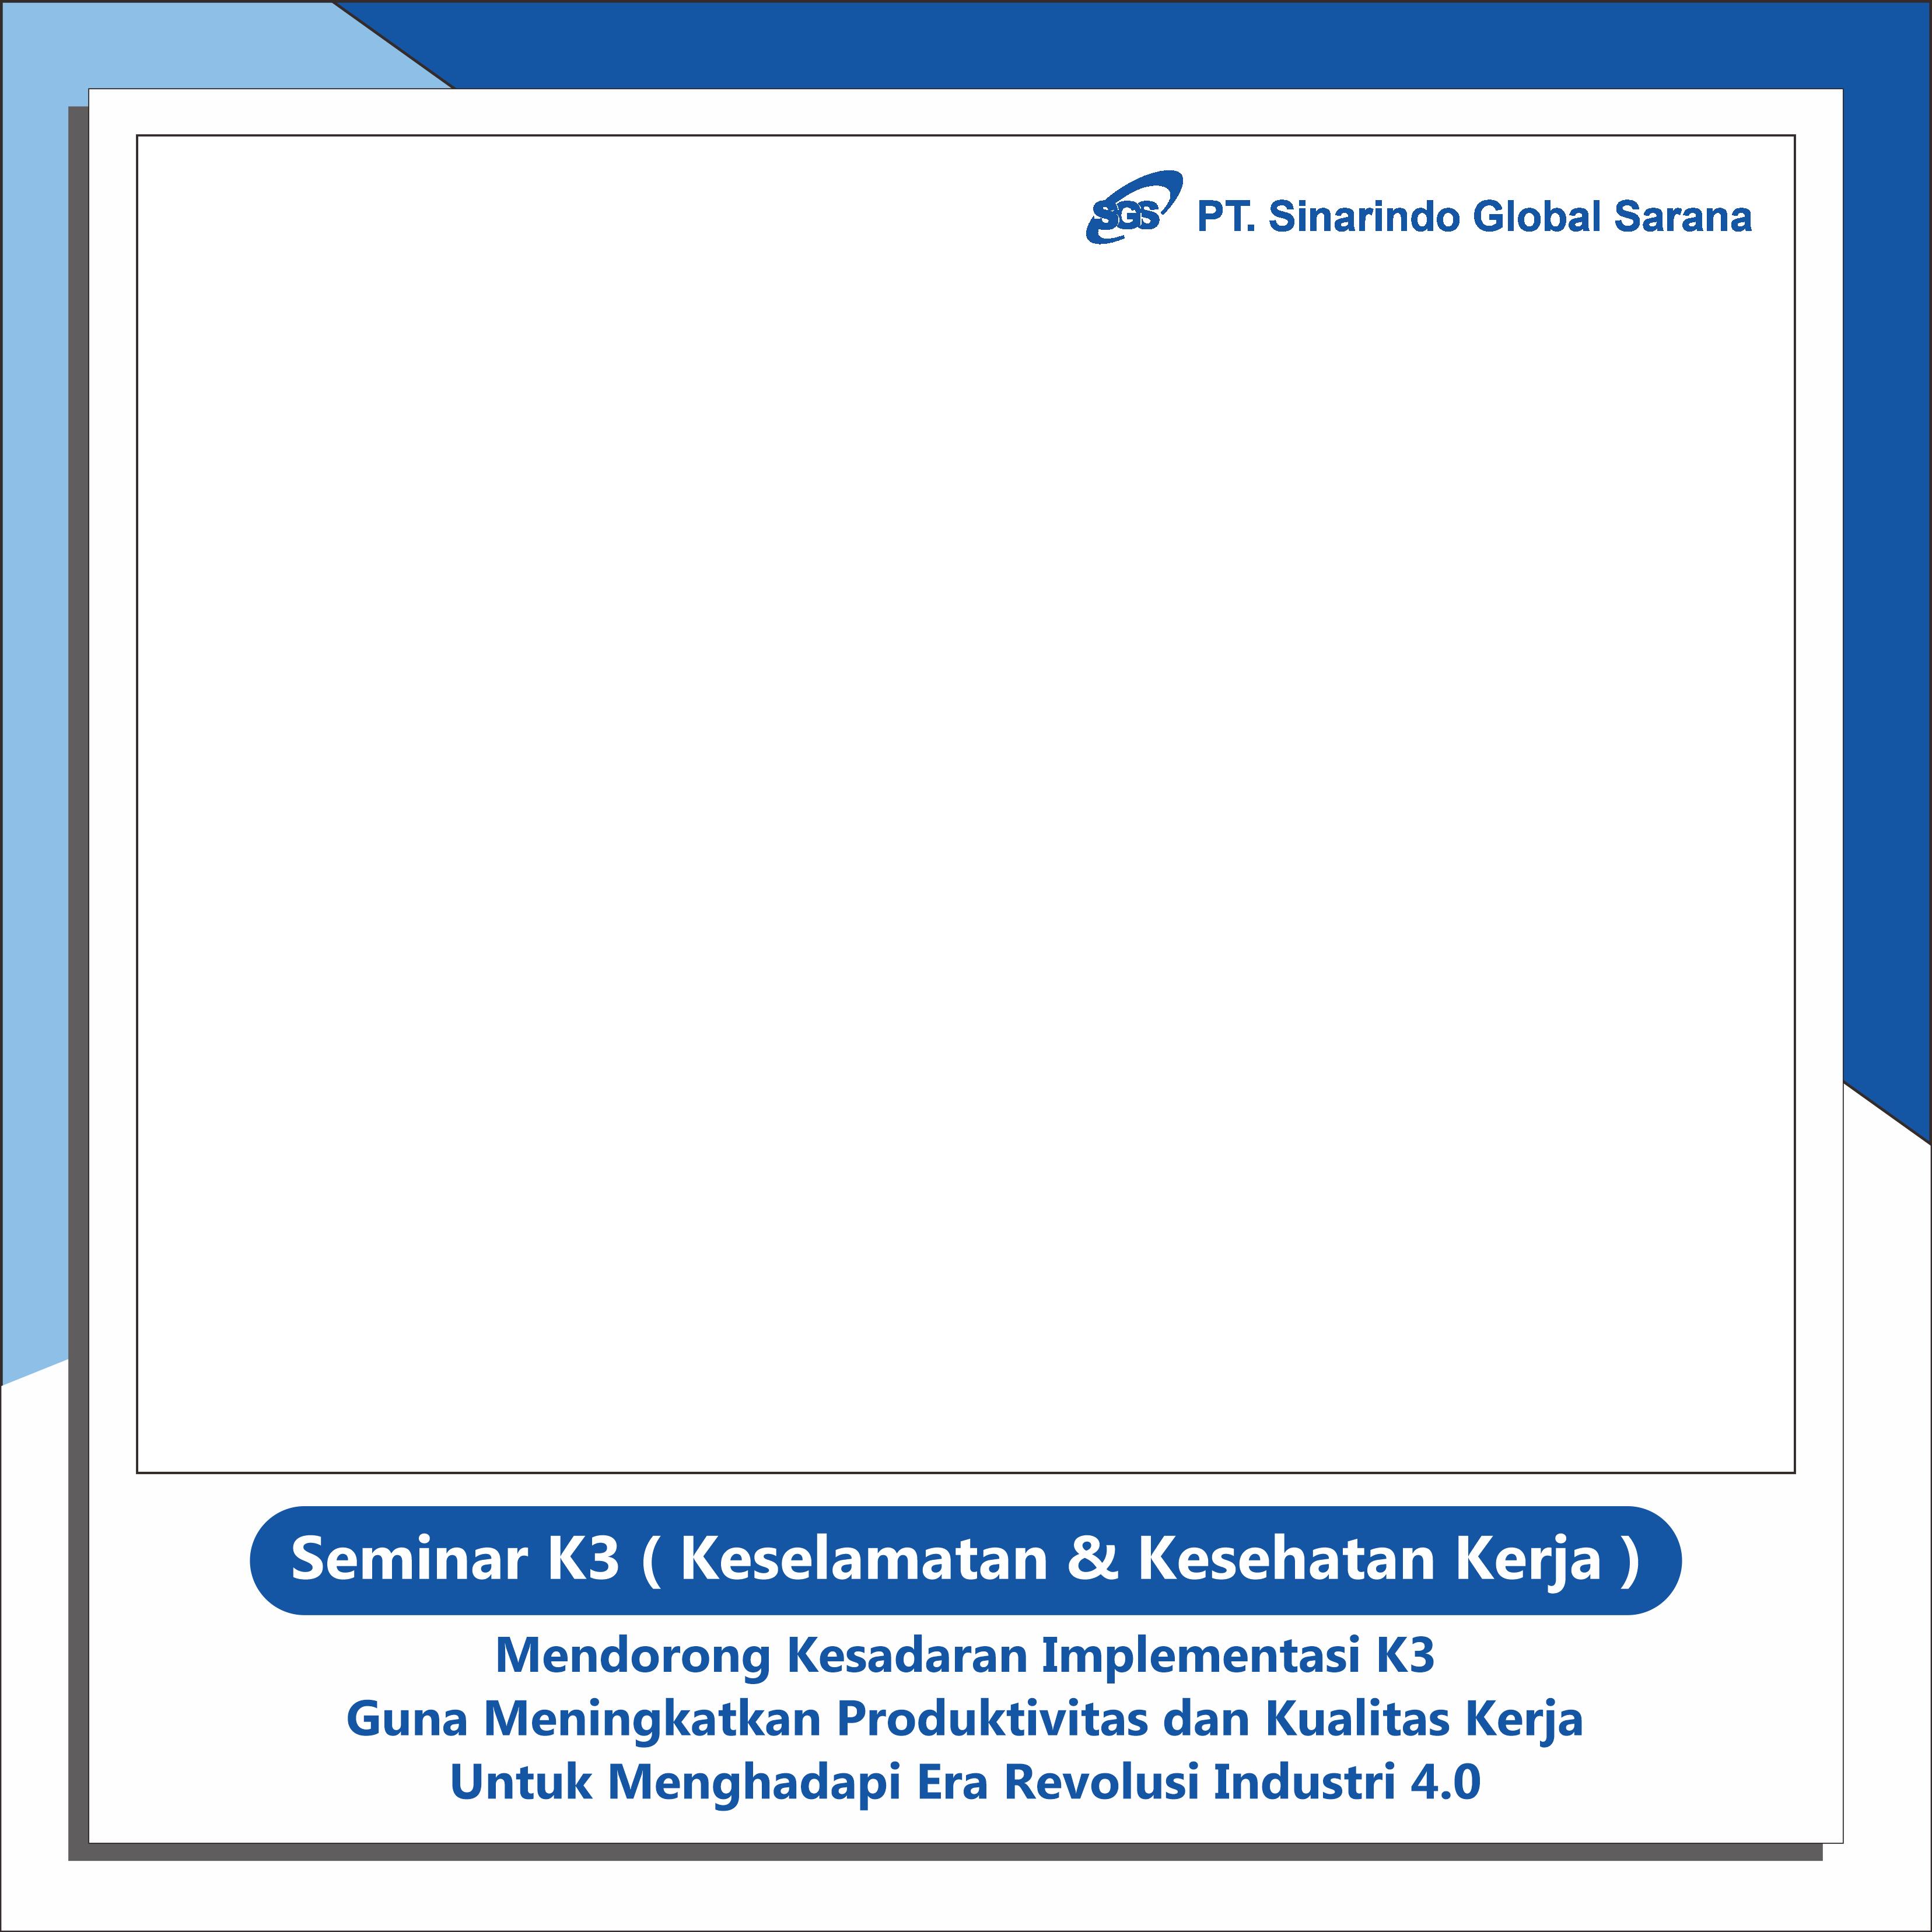 Frame Foto Event Seminar Nasional K3 Unisma